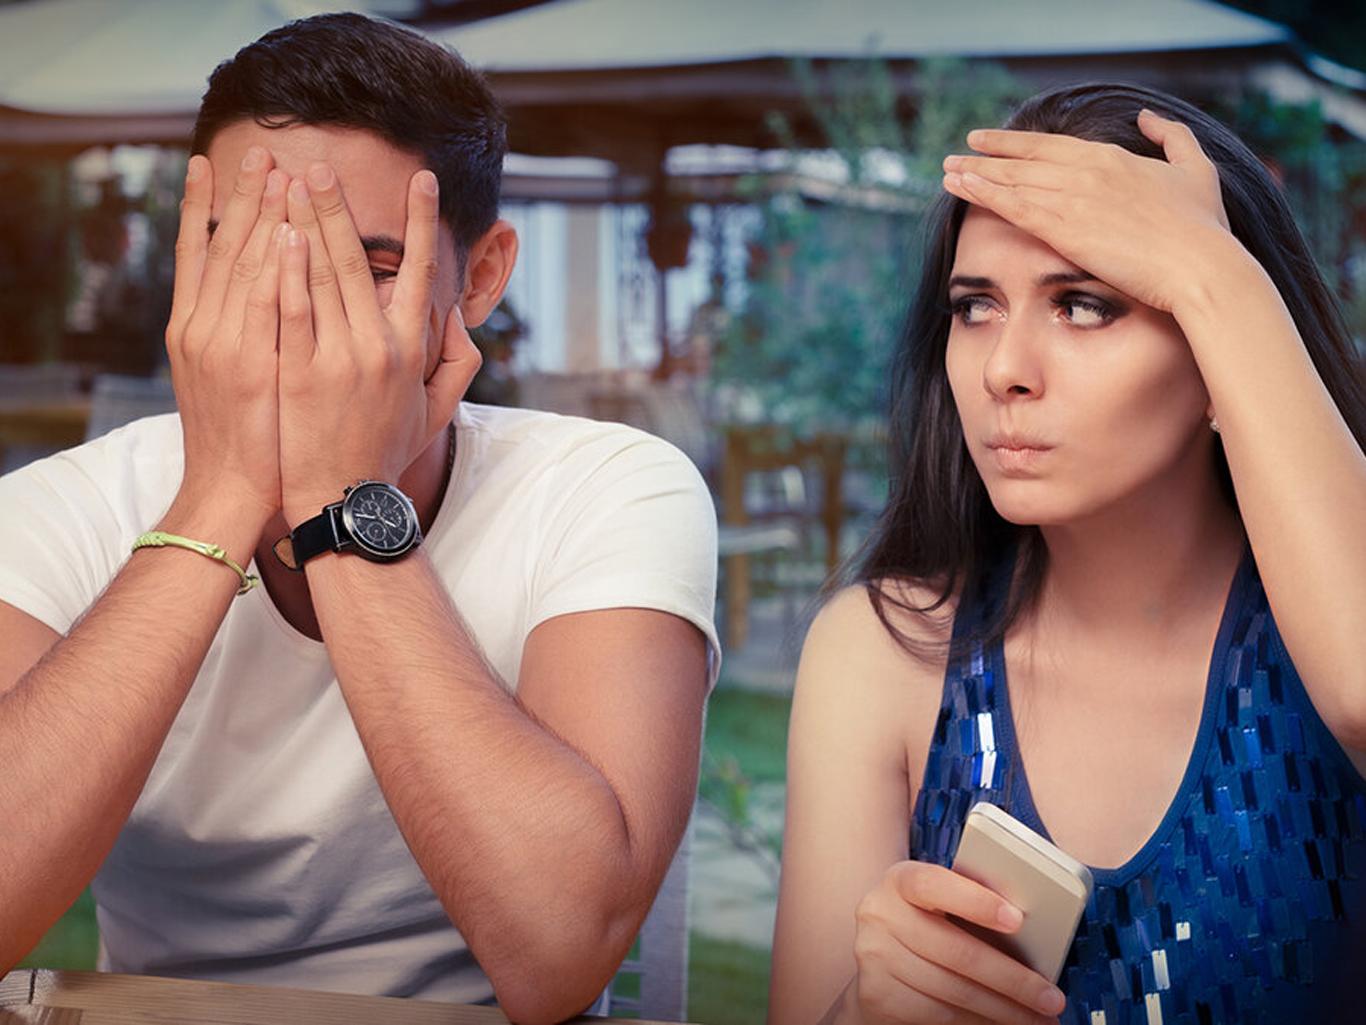 Как отпугнуть девушку или 10 вещей, которые испортят впечатление о тебе